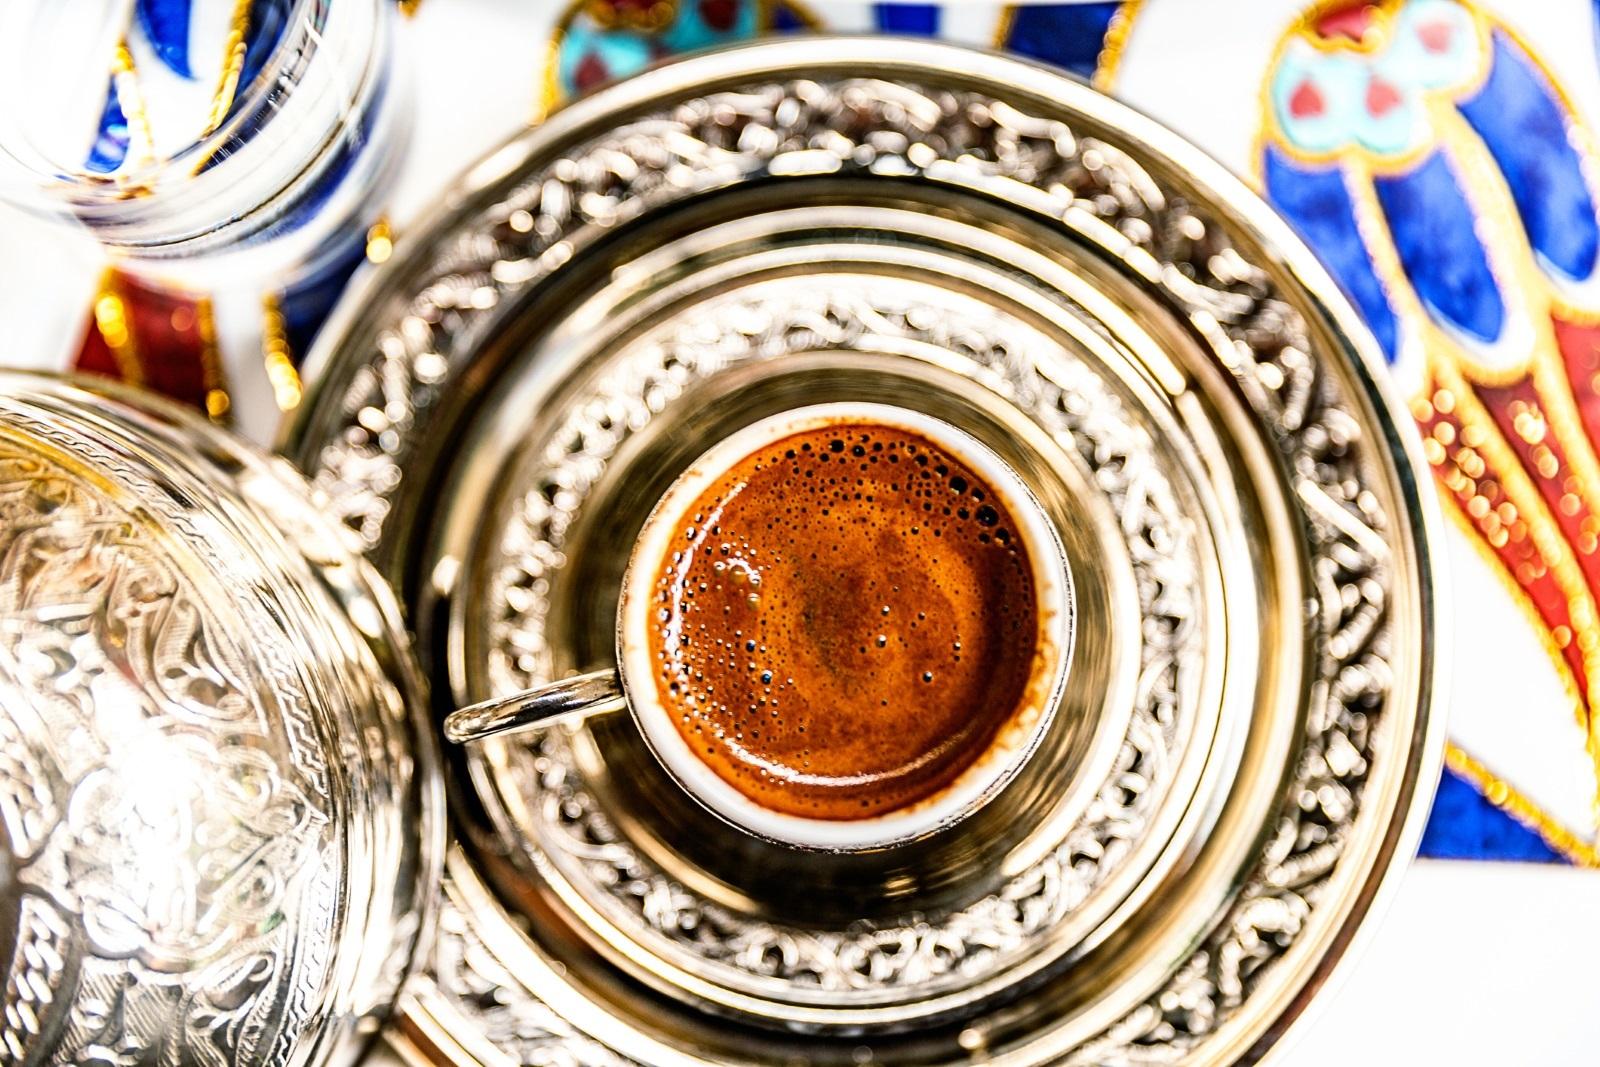 Детайлът, без който кафето няма да е същото<br /> <br /> От гледна точка на културните традиции на турско кафе без пяна не се гледа с добро око, по редица причини е желателно да я има, когато човек пие чаша кафе. Всъщност е напълно възможно да чуете някого да поръчва хубав, богат слой пяна, поръчвайки си турско кафе. И нещо по-важно, пяната помага на кафето да се запази топло за дълго време.